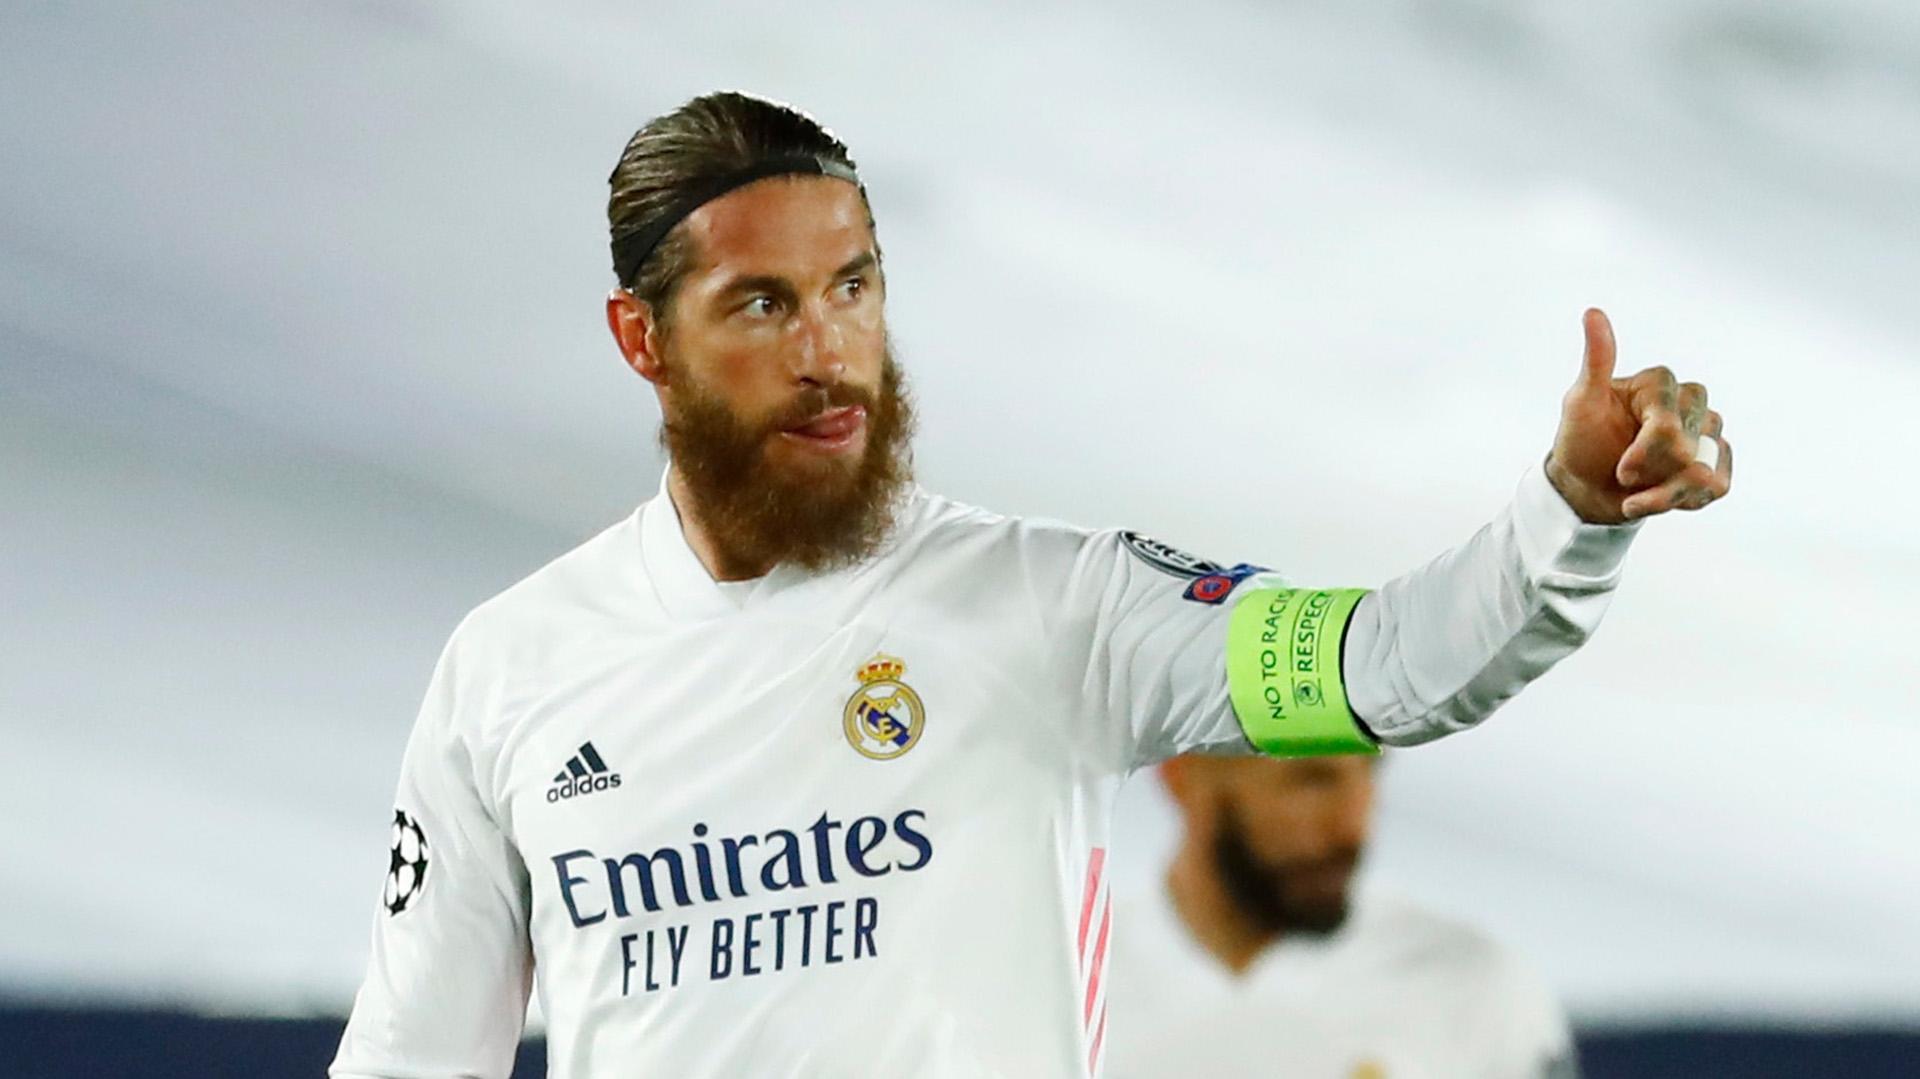 Fin de una era: Sergio Ramos se va del Real Madrid